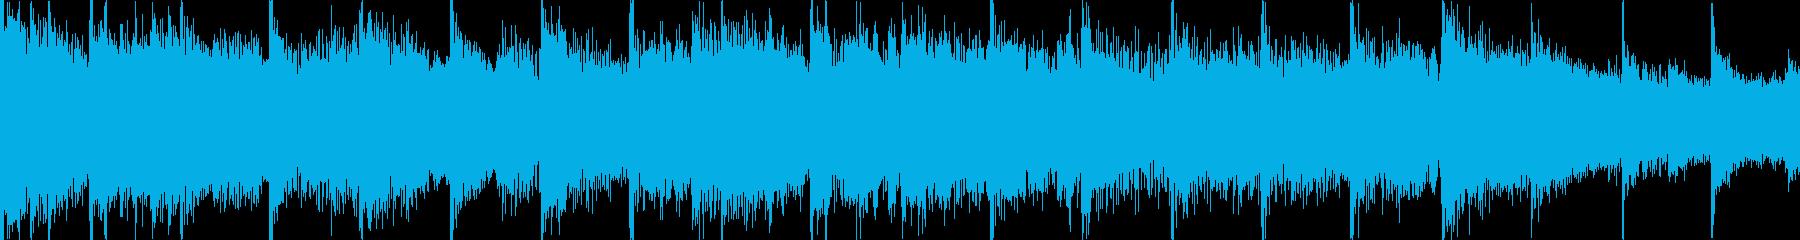 感情的なメロディーとメランコリック...の再生済みの波形